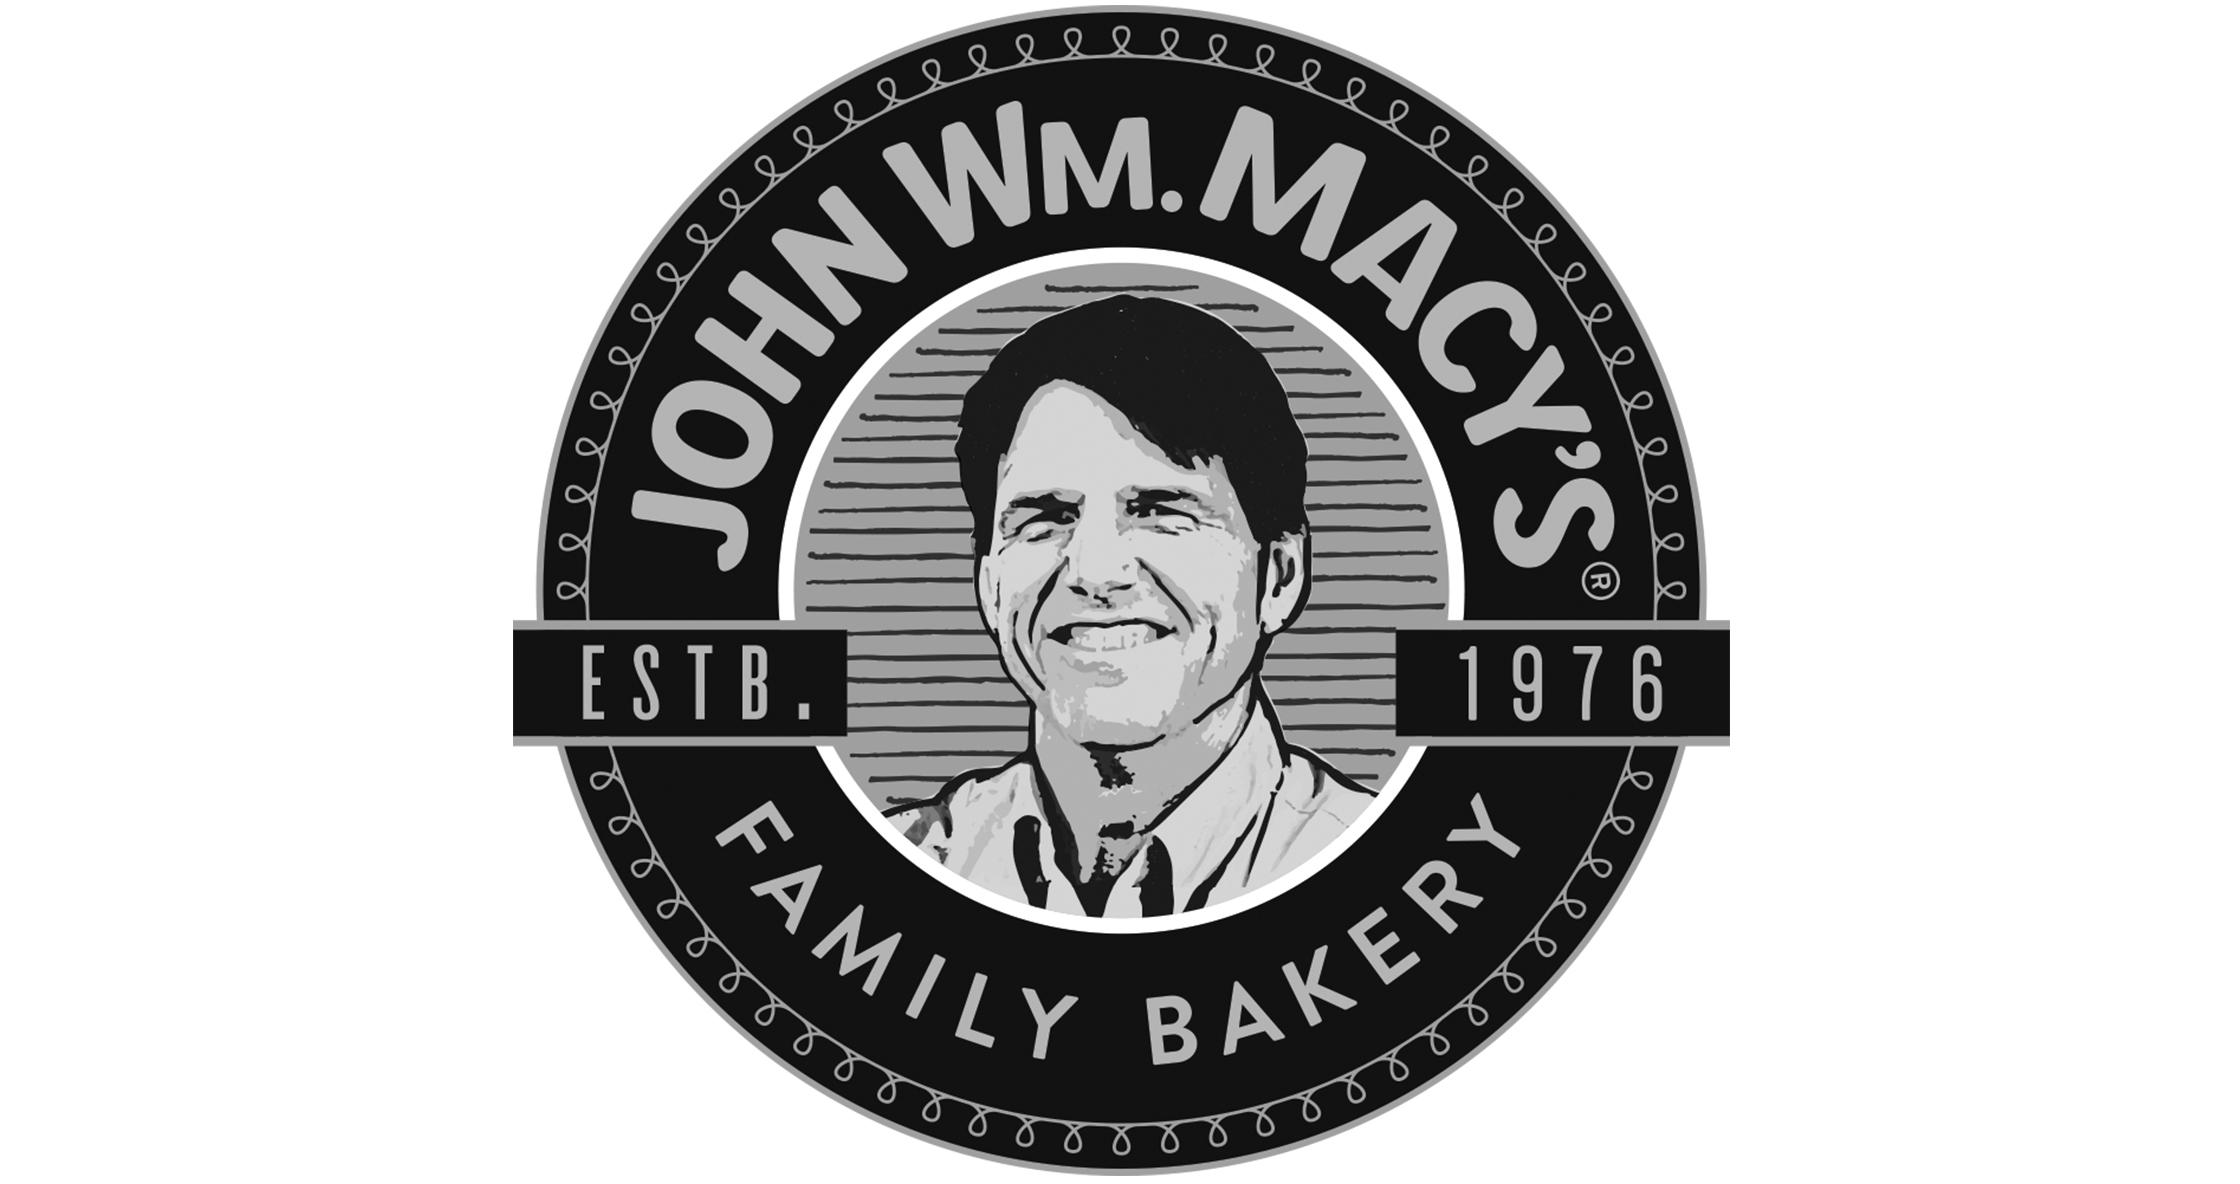 John Wm. Macy's